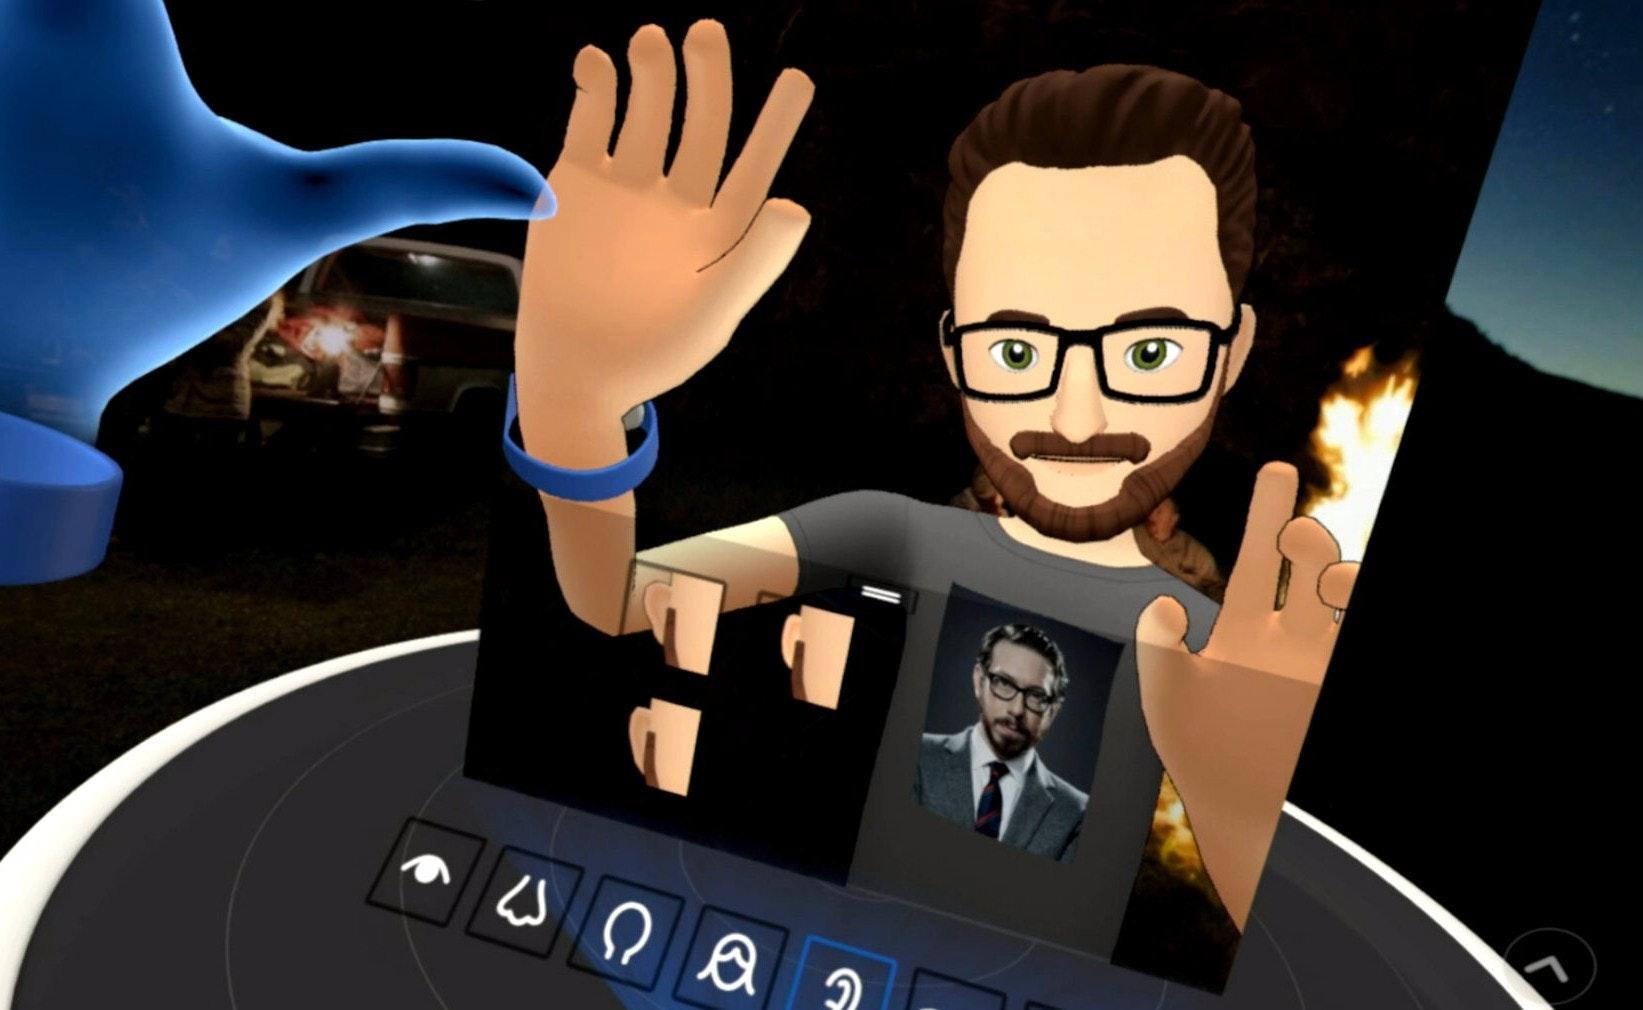 Josh in VR